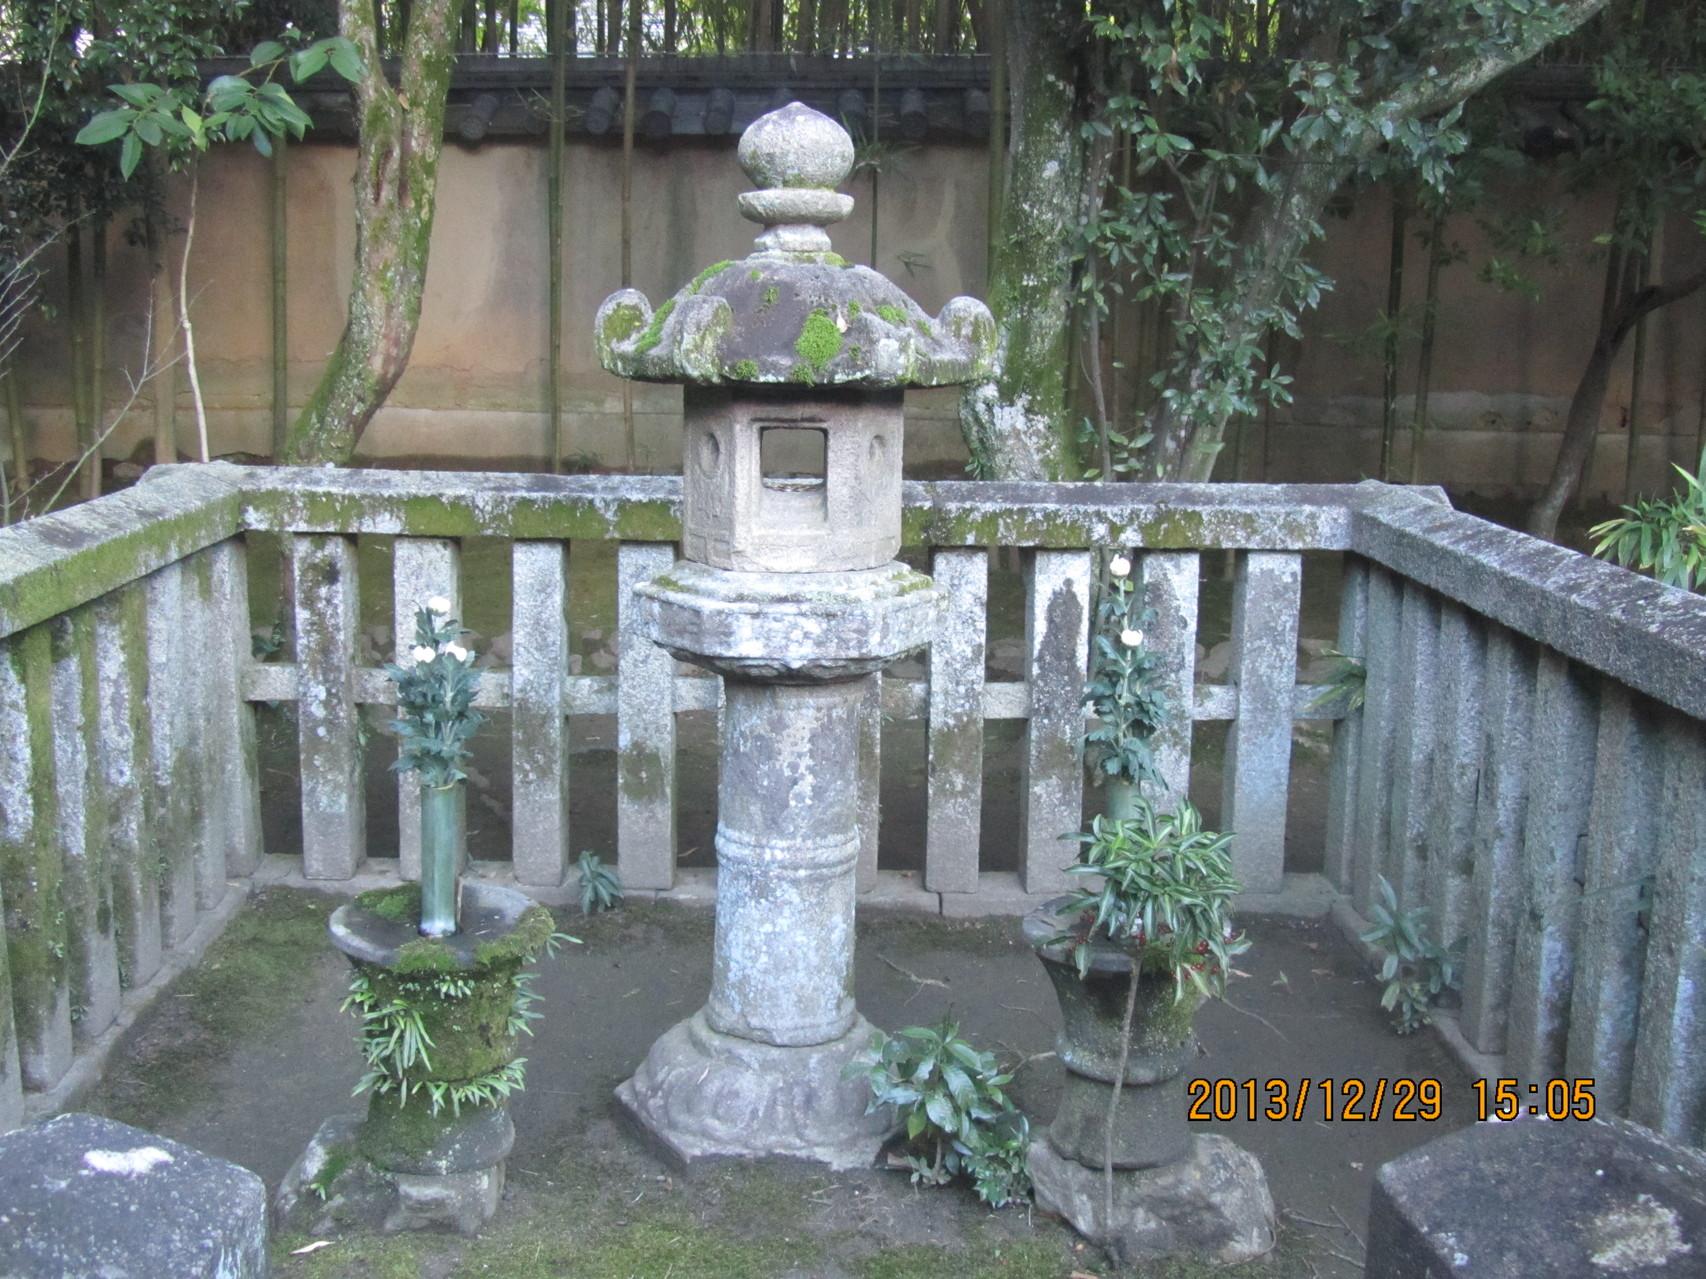 大徳寺、高桐院にある細川ガラシャの墓。ガラシャは織田信長を討った明智光秀の三女です。